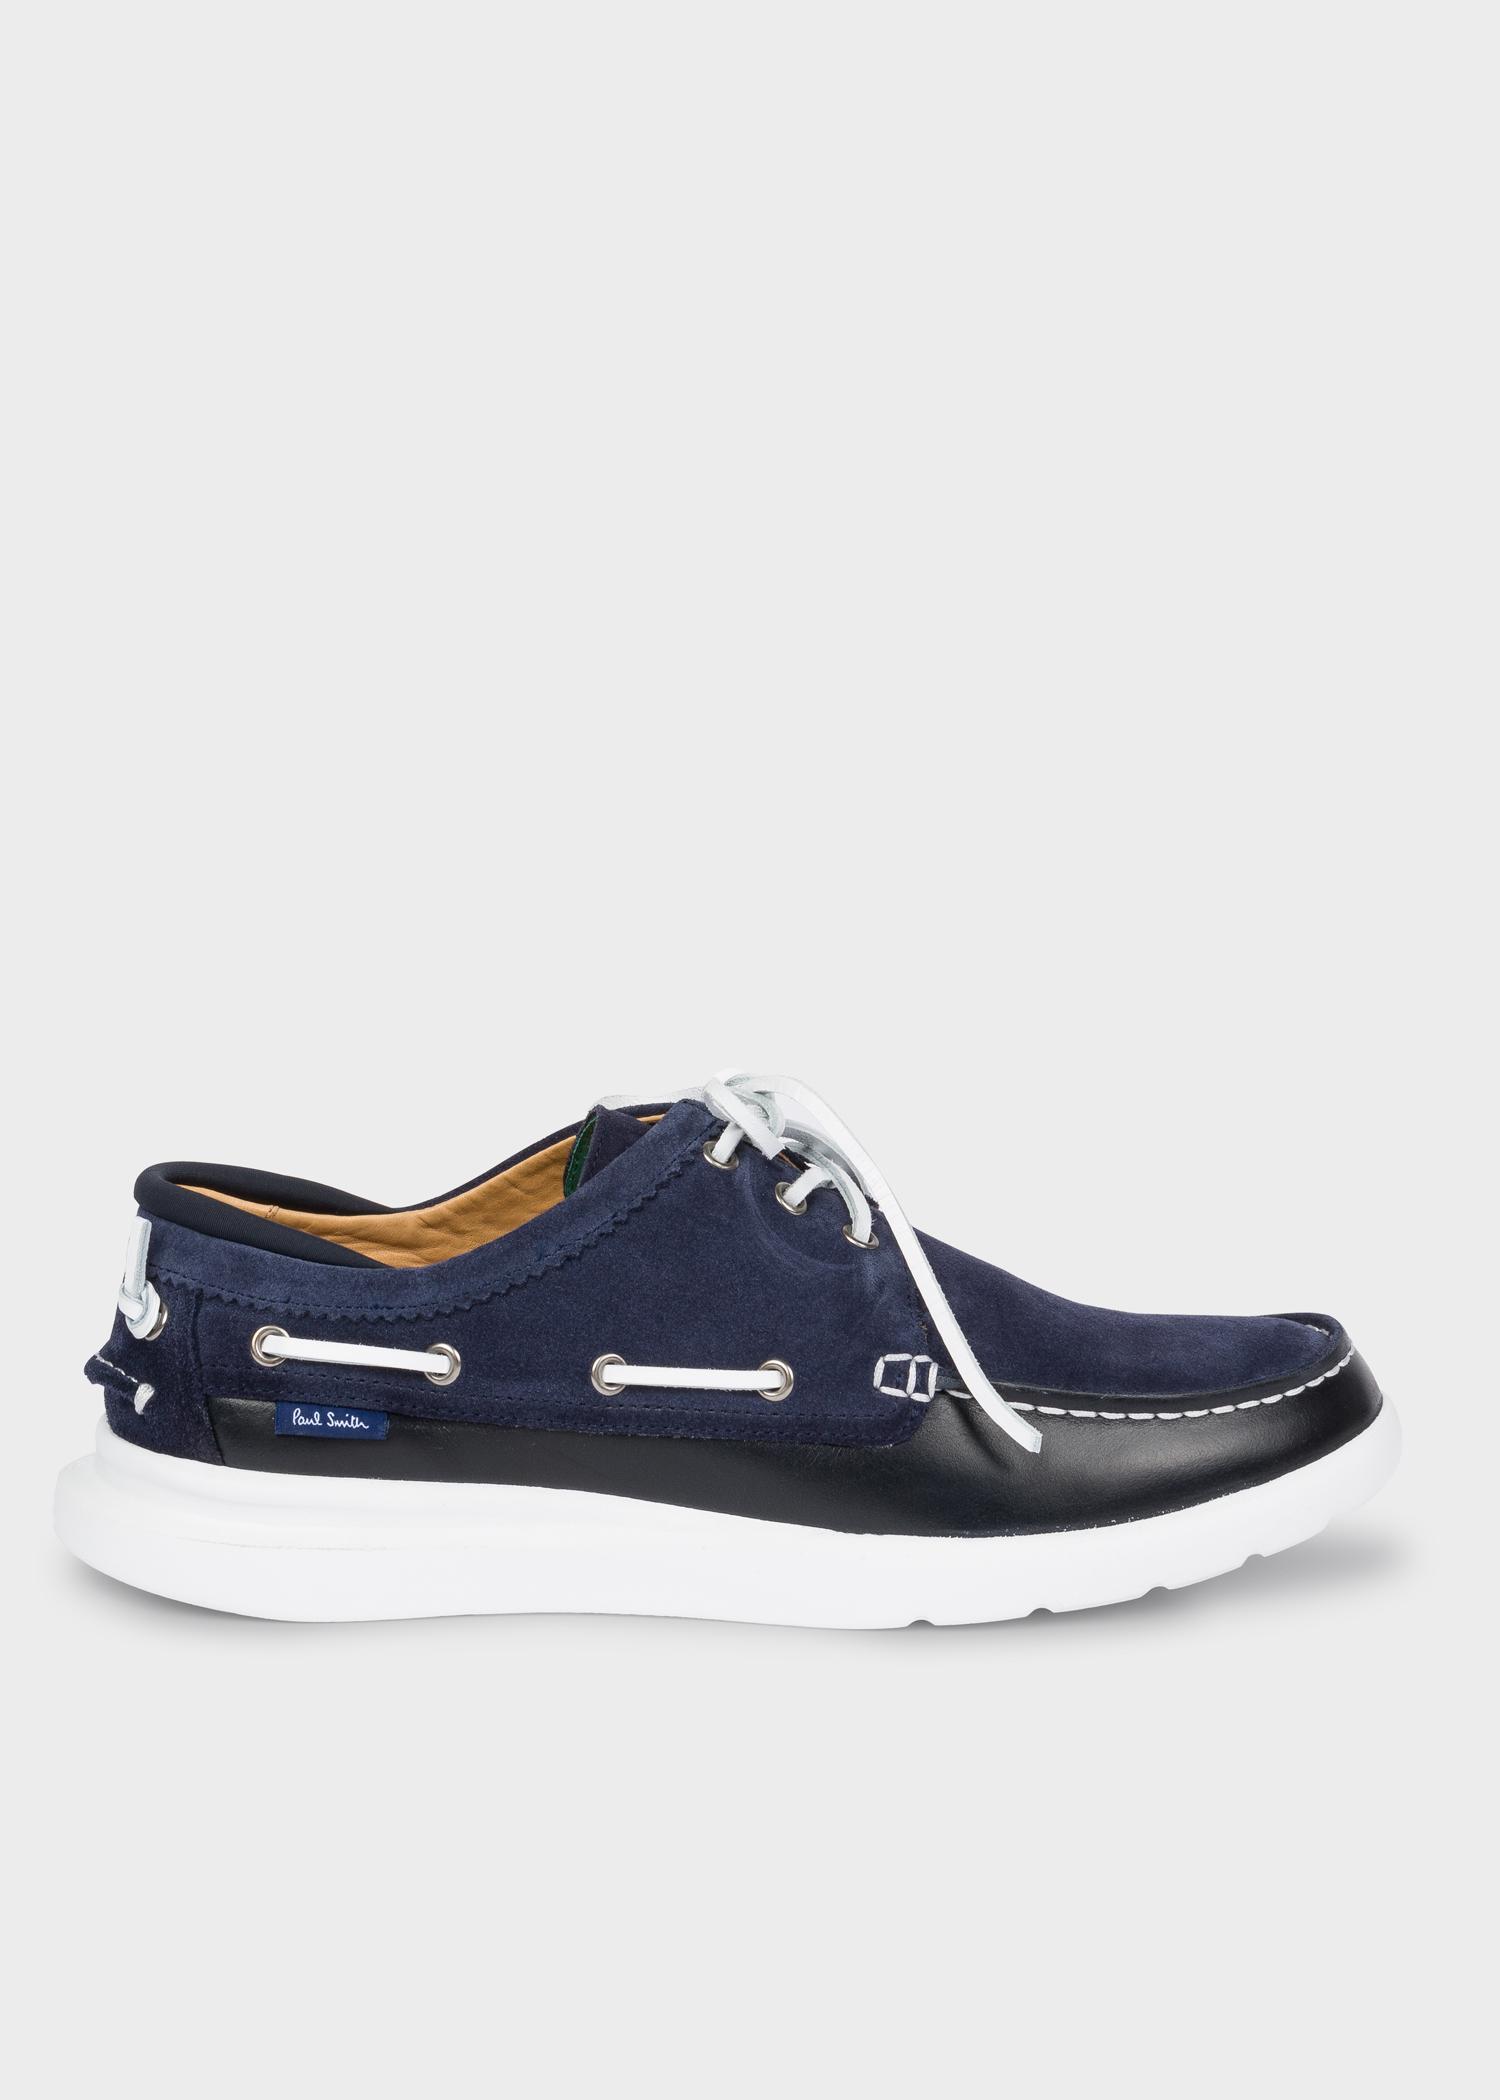 2c22d587803e54 Vue de côté - Chaussures Bateau Homme 'Tide' Bleu Marine En Cuir Suédé Paul